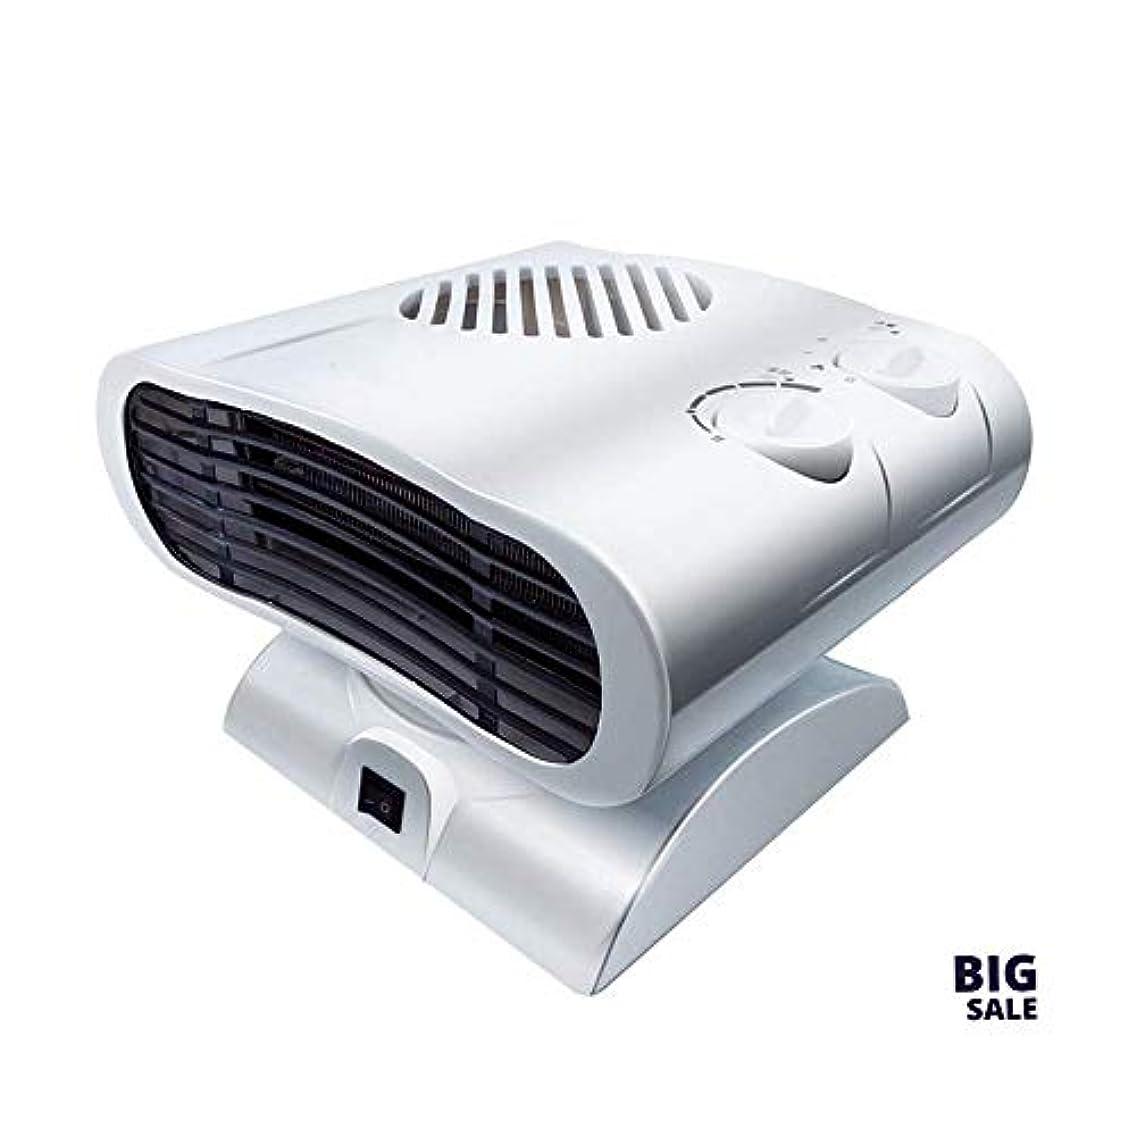 かき混ぜる減る雇用NICEEセラミックヒーター750Wポータブル電動ファンヒーターパーソナルスペースヒーターNICEY